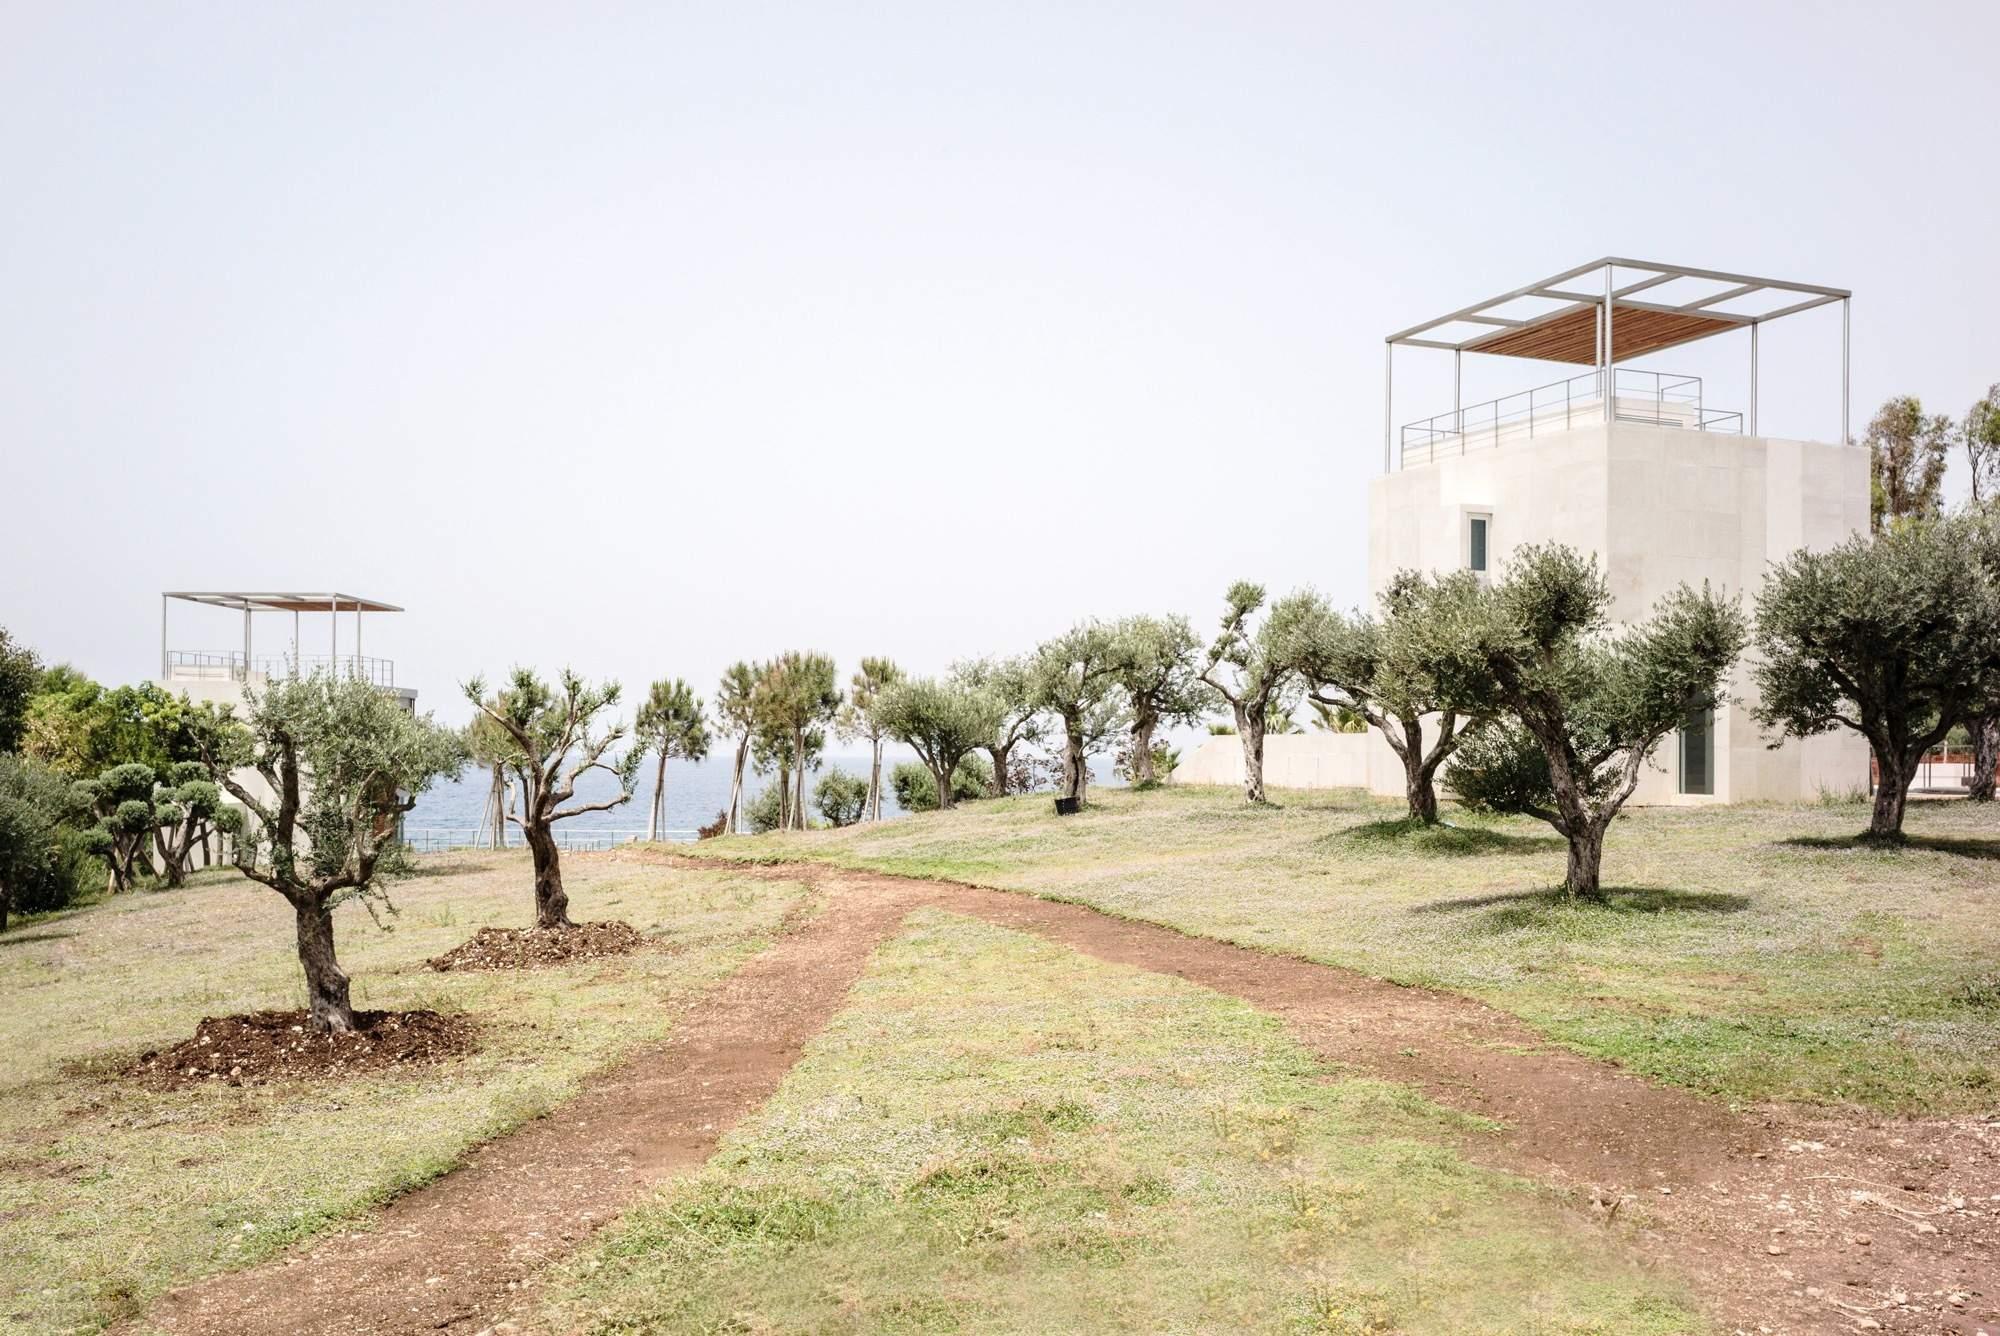 Частный комплекс семейных домов в Ливане